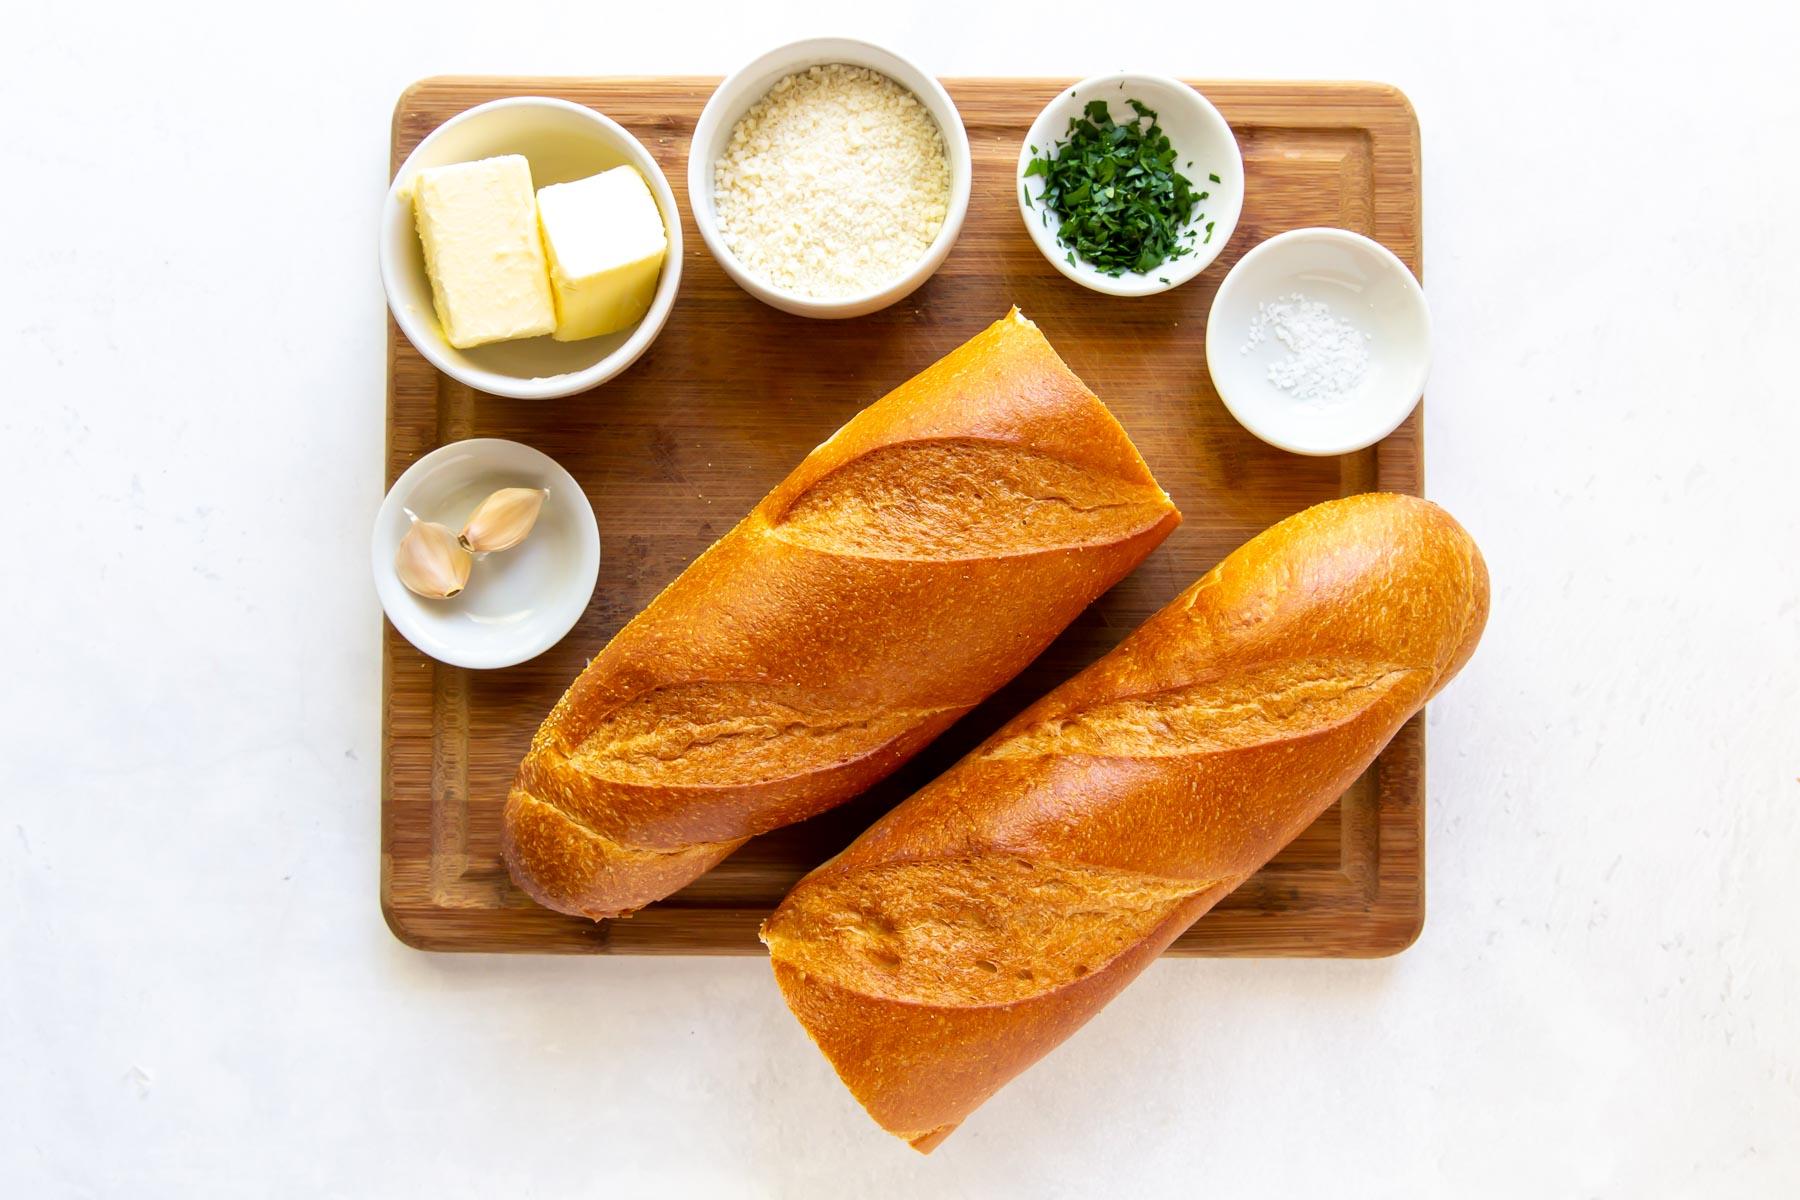 ingredients for garlic bread recipe on a wood cutting board